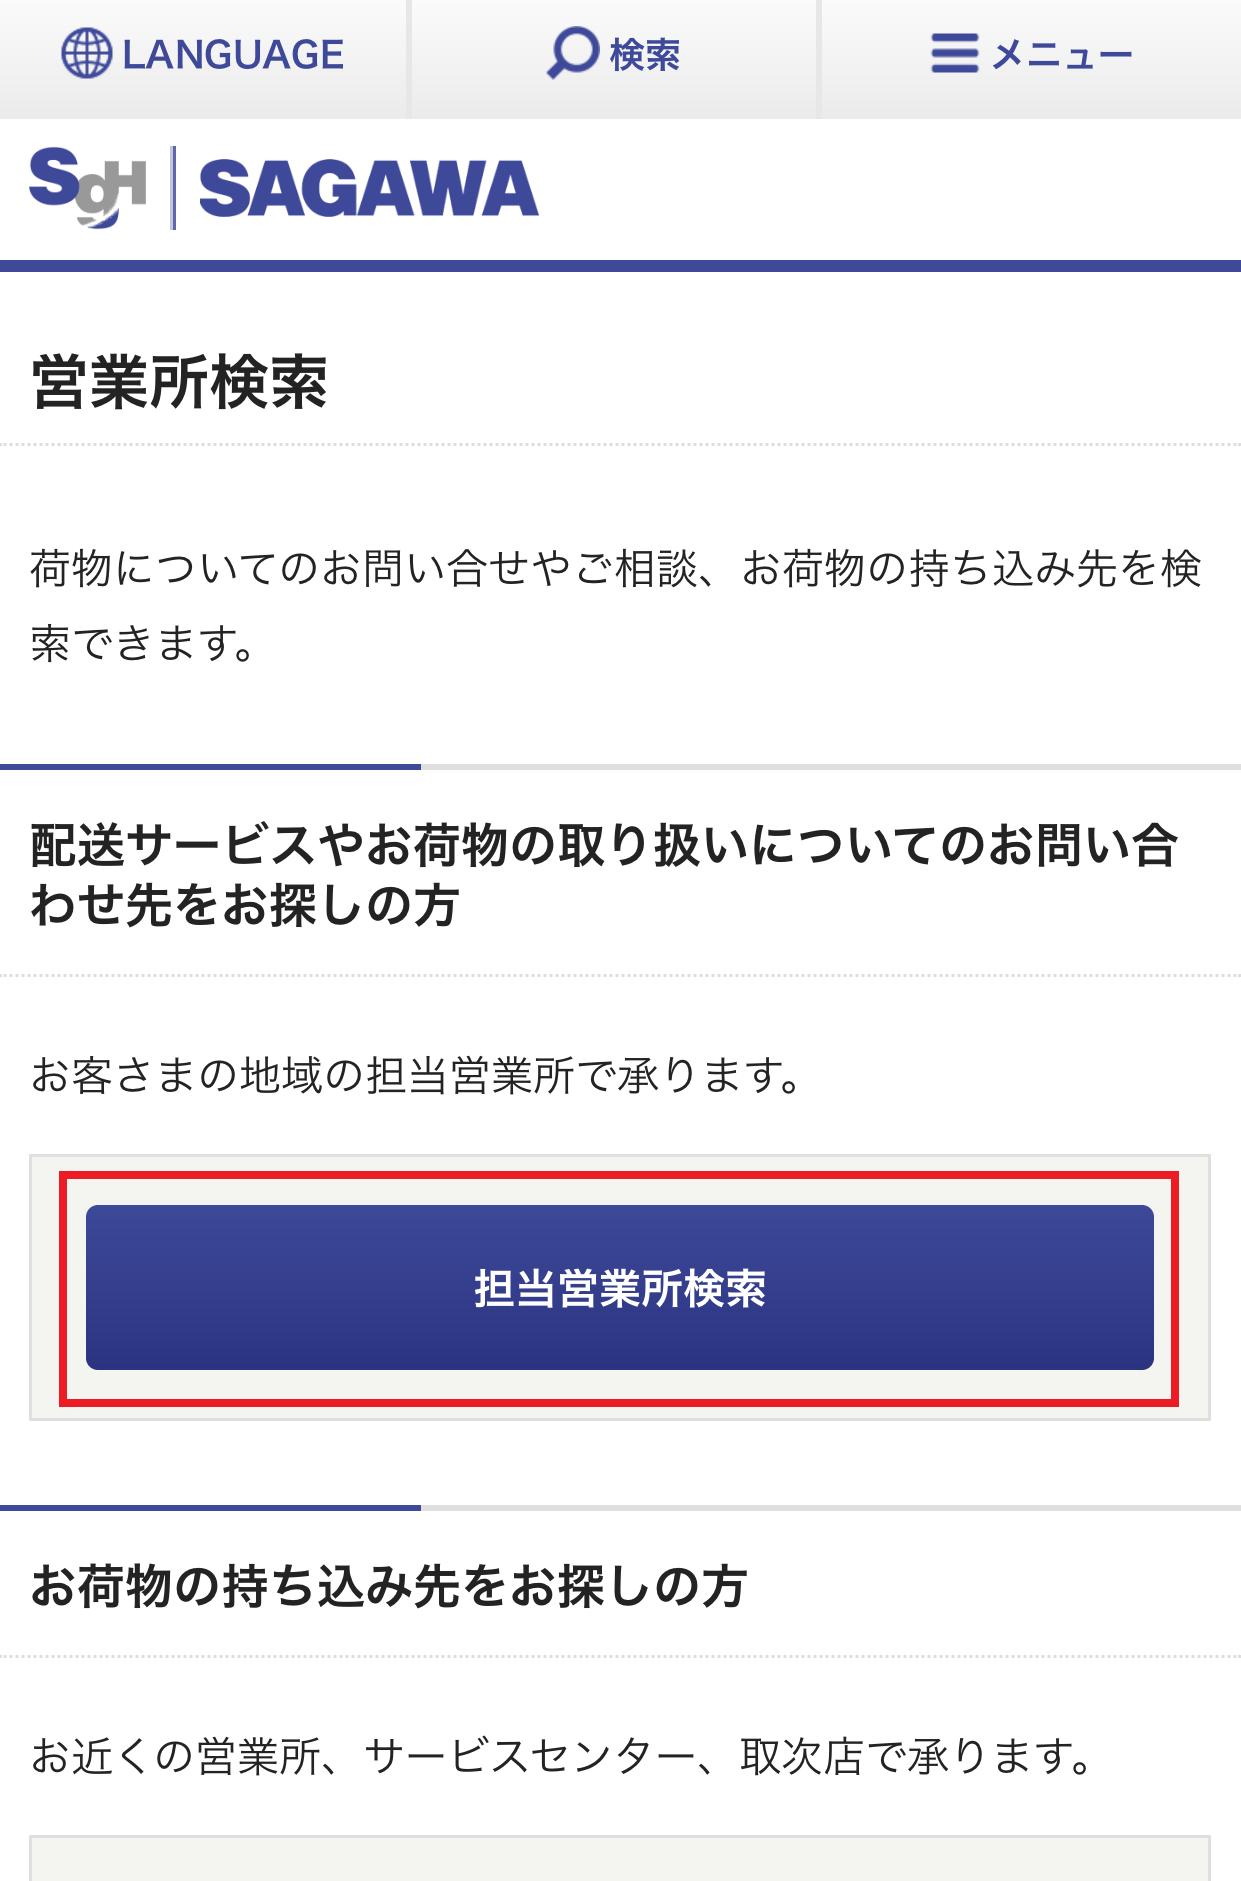 佐川急便公式サイト「担当営業所検索」